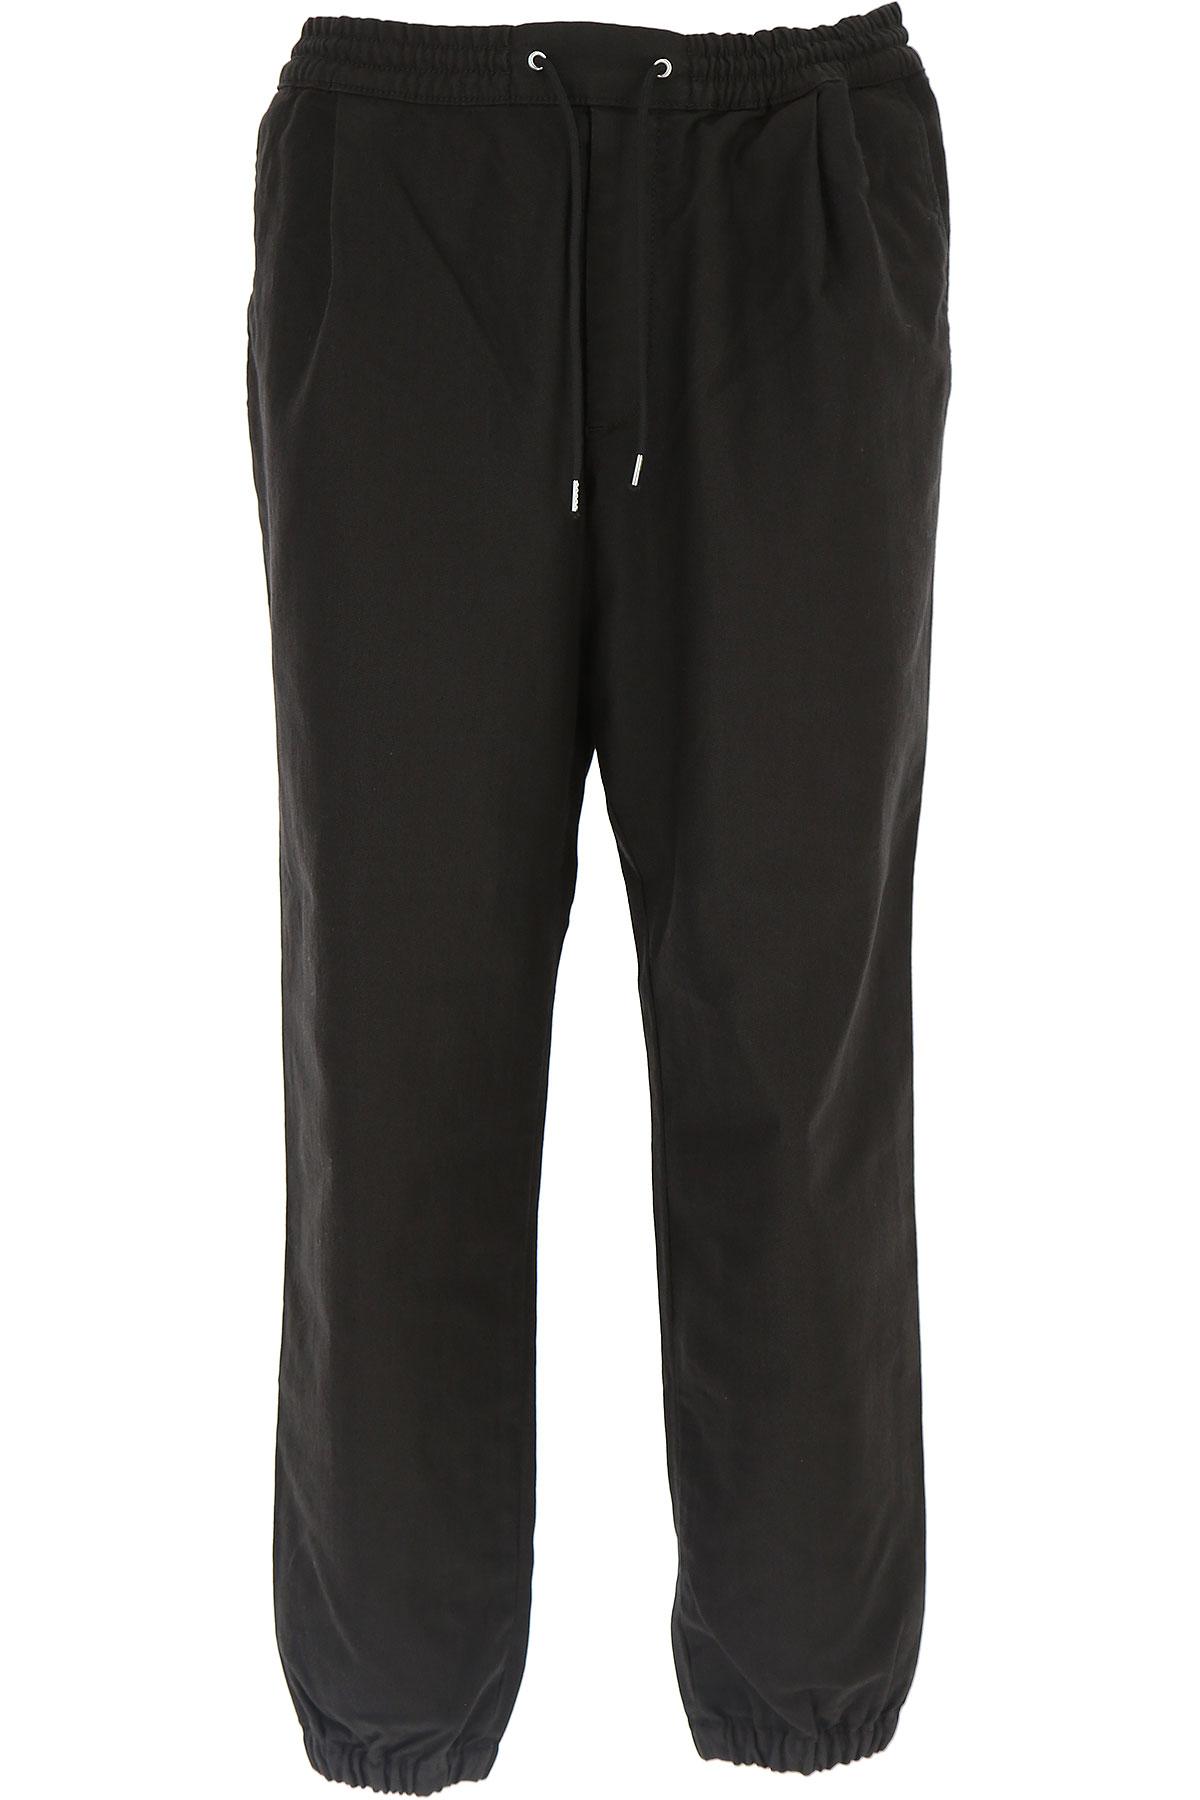 McQ Pantalon Homme Pas cher en Soldes, Noir, Coton, 2017, 46 48 50